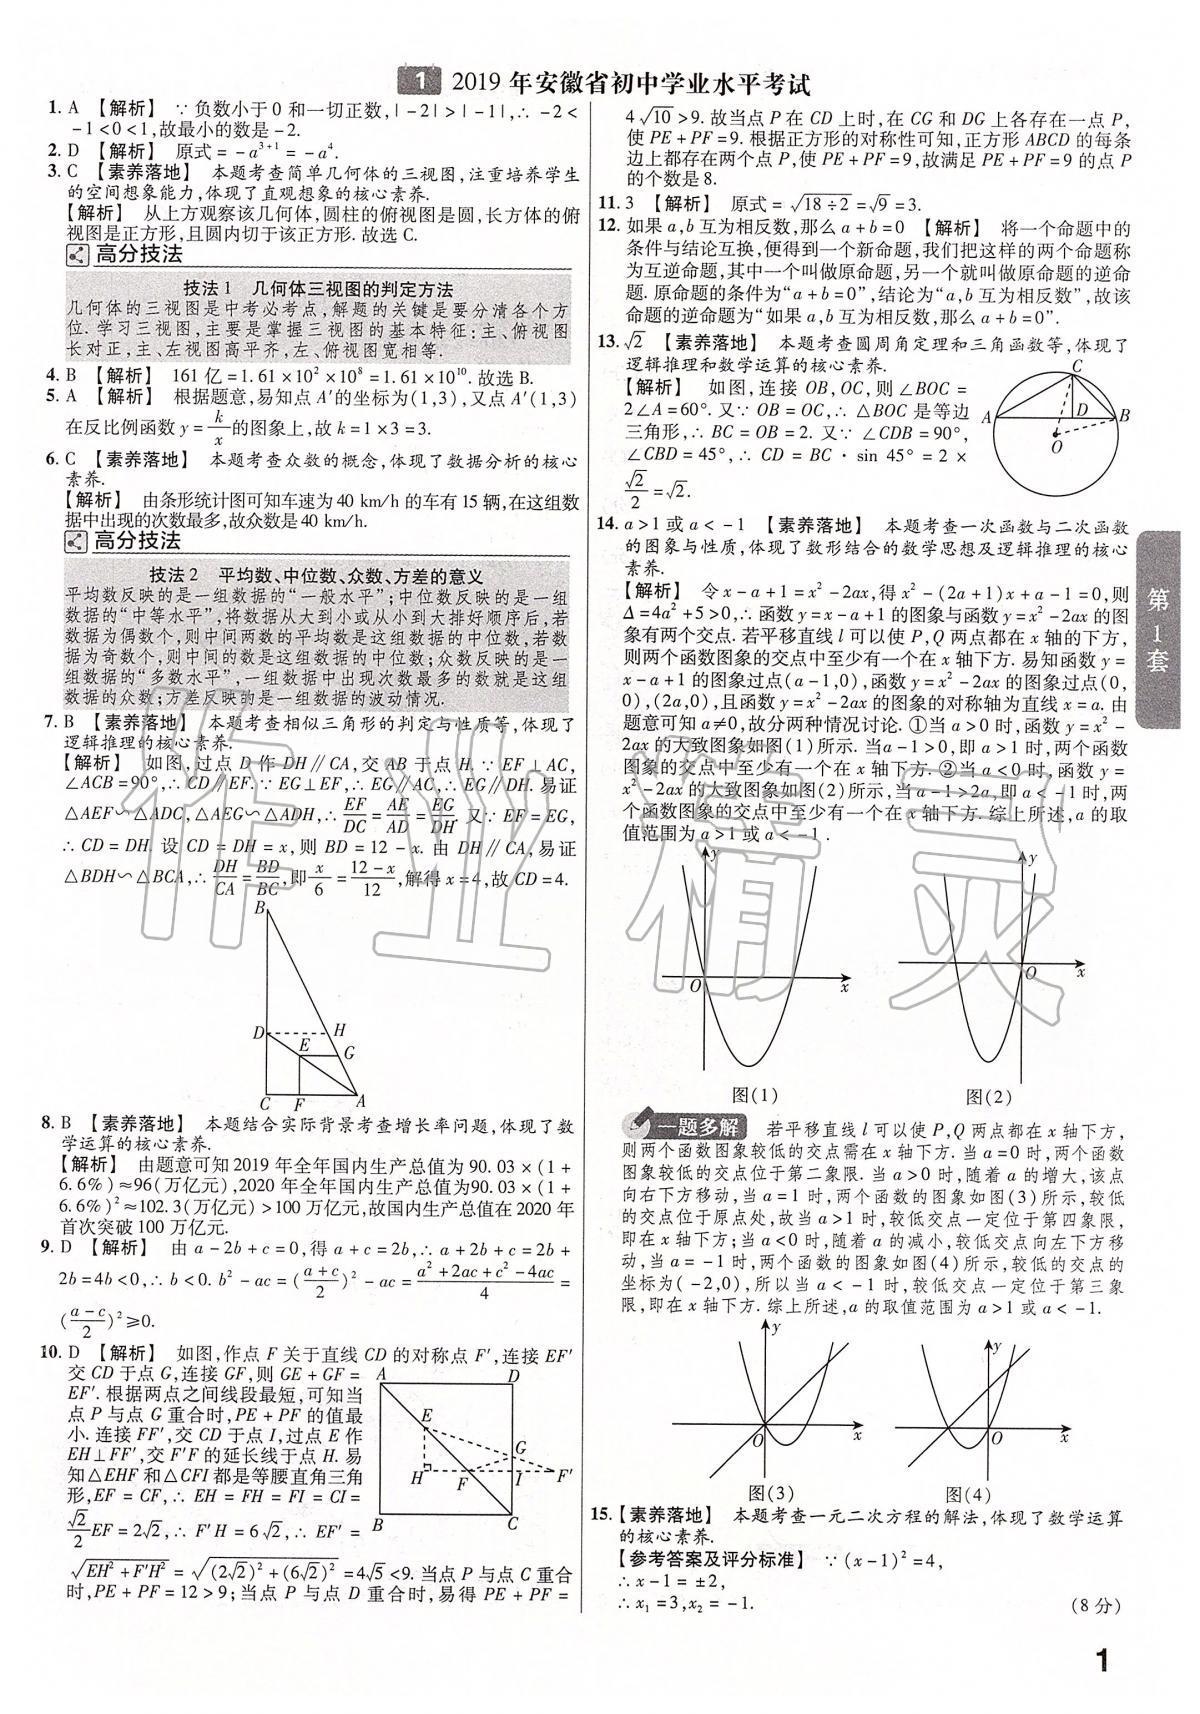 2020年金考卷安徽中考45套汇编数学第1页